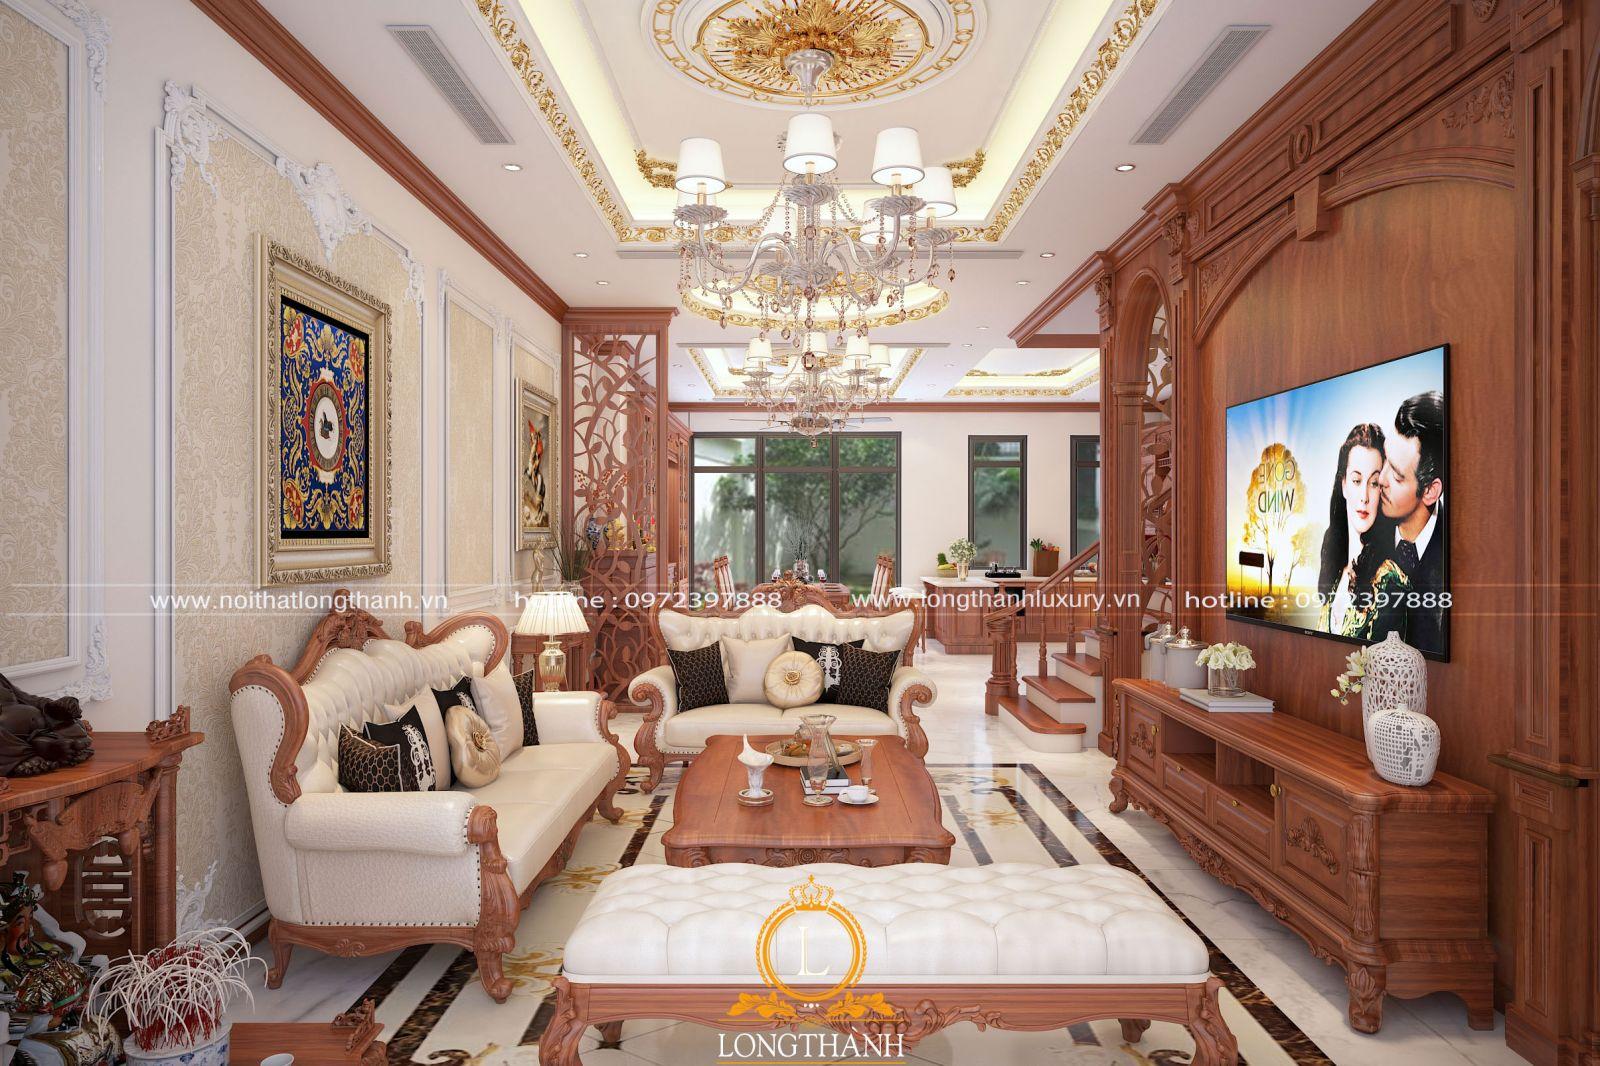 Không gian nội thất phòng khách nhà phố được thiết kế mở theo chiều sâu